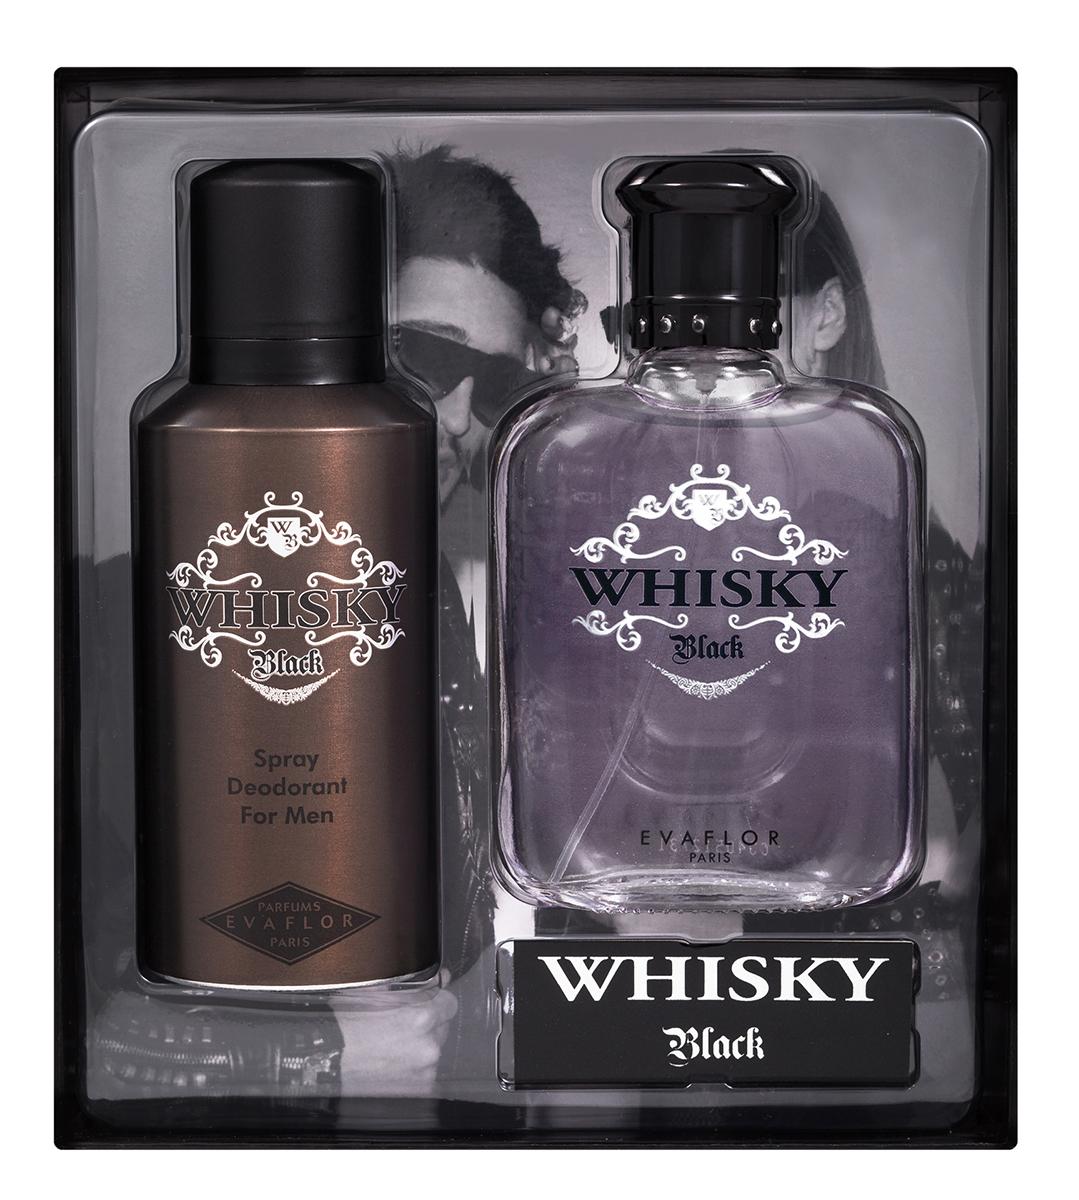 Evaflor Подарочный набор Whisky Black мужской: Туалетная вода, 100 мл , дезодорант, 150 мл evaflor туалетная вода для мужчин whisky 80 whisky by whisky 100 мл